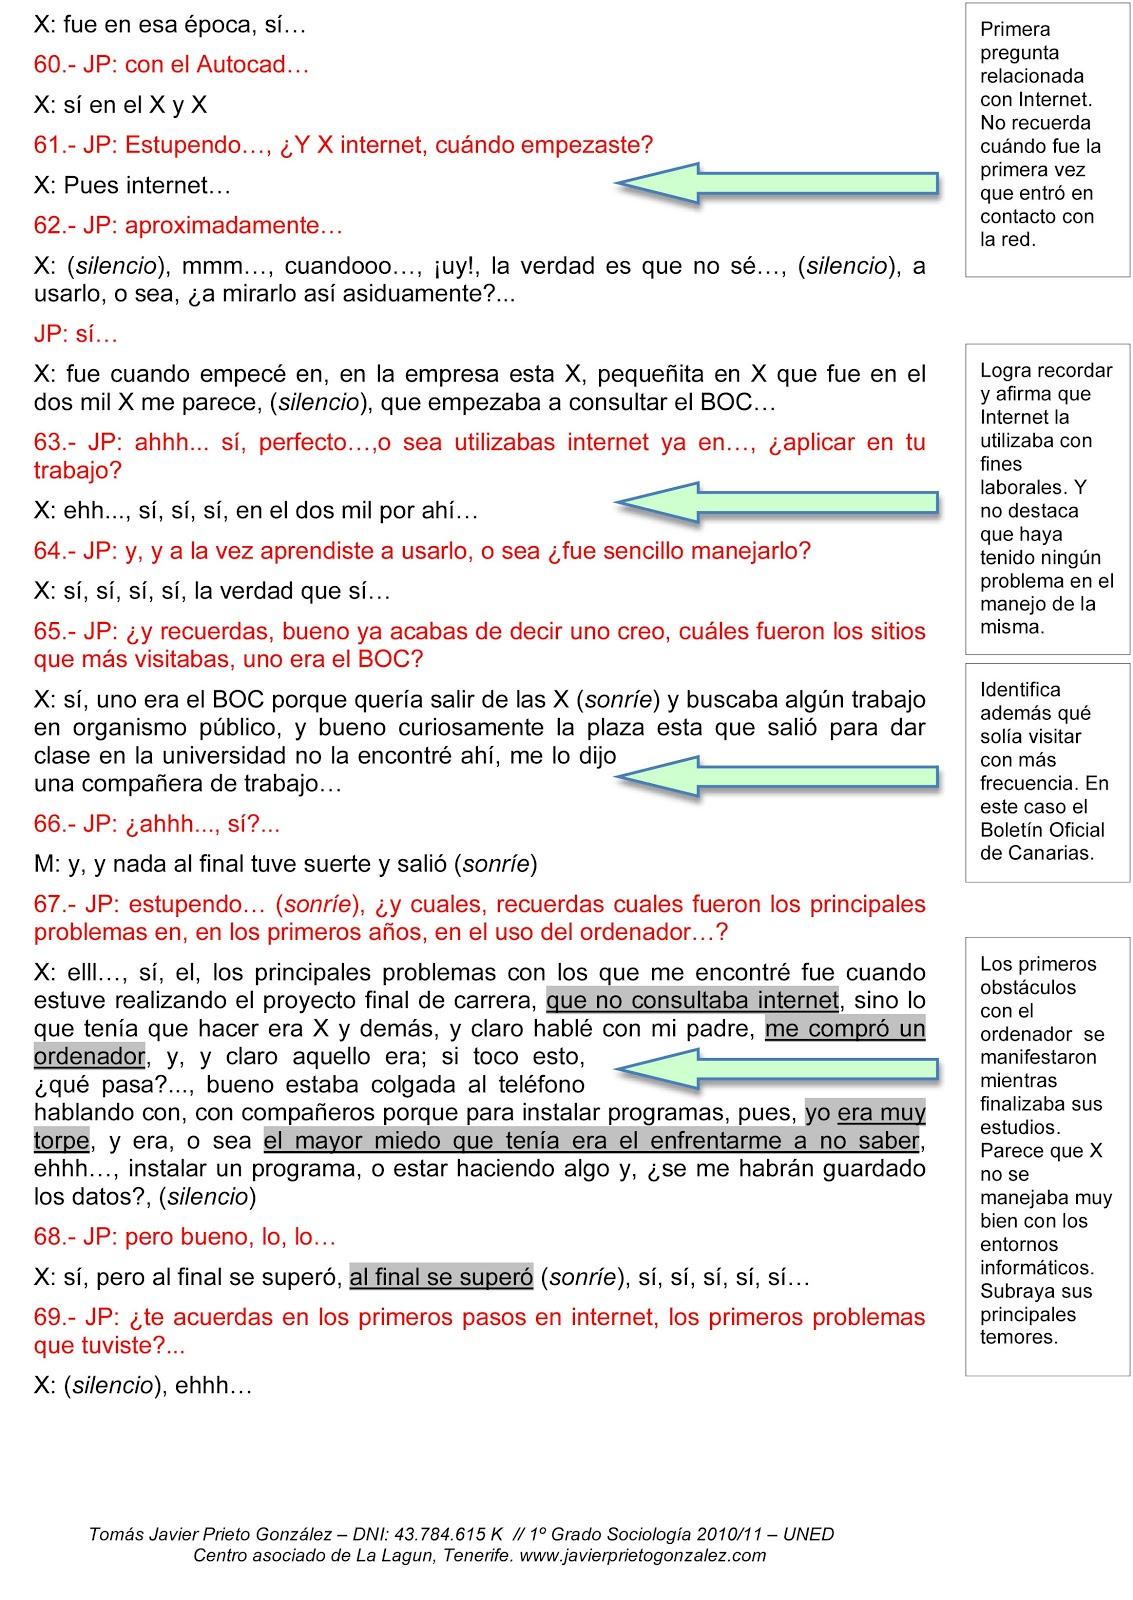 Javier Prieto González: Informe Analítico: Apuntes de transcripción ...